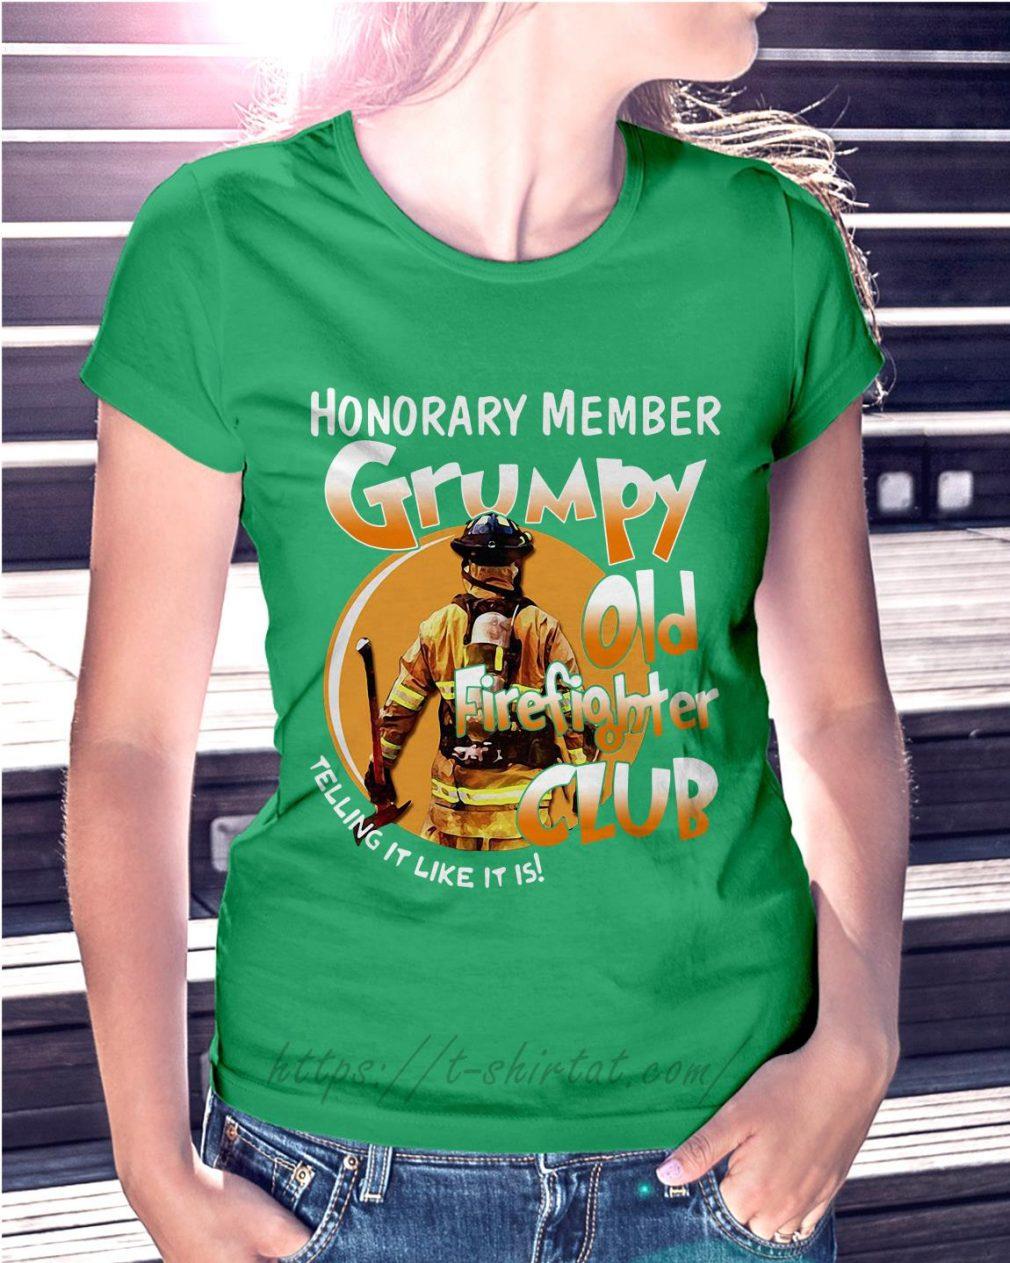 Honorary member grumpy old firefighter club telling it like it is Ladies Tee green